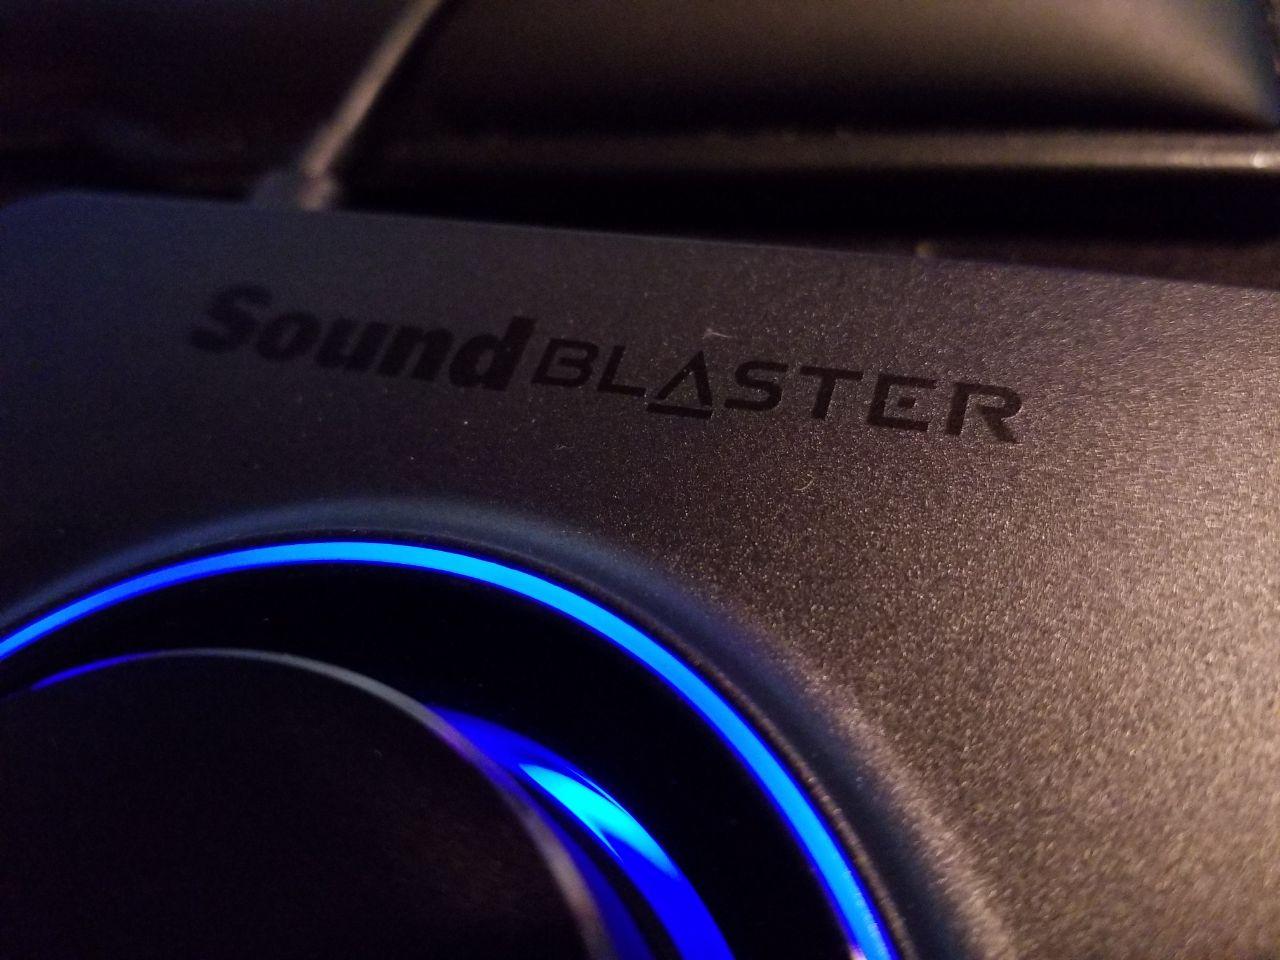 Sound Blaster X3 - Hi-Res 7,1 Super X-Fi USB DAC s náhlavným zosilňovačom Recenzie 1